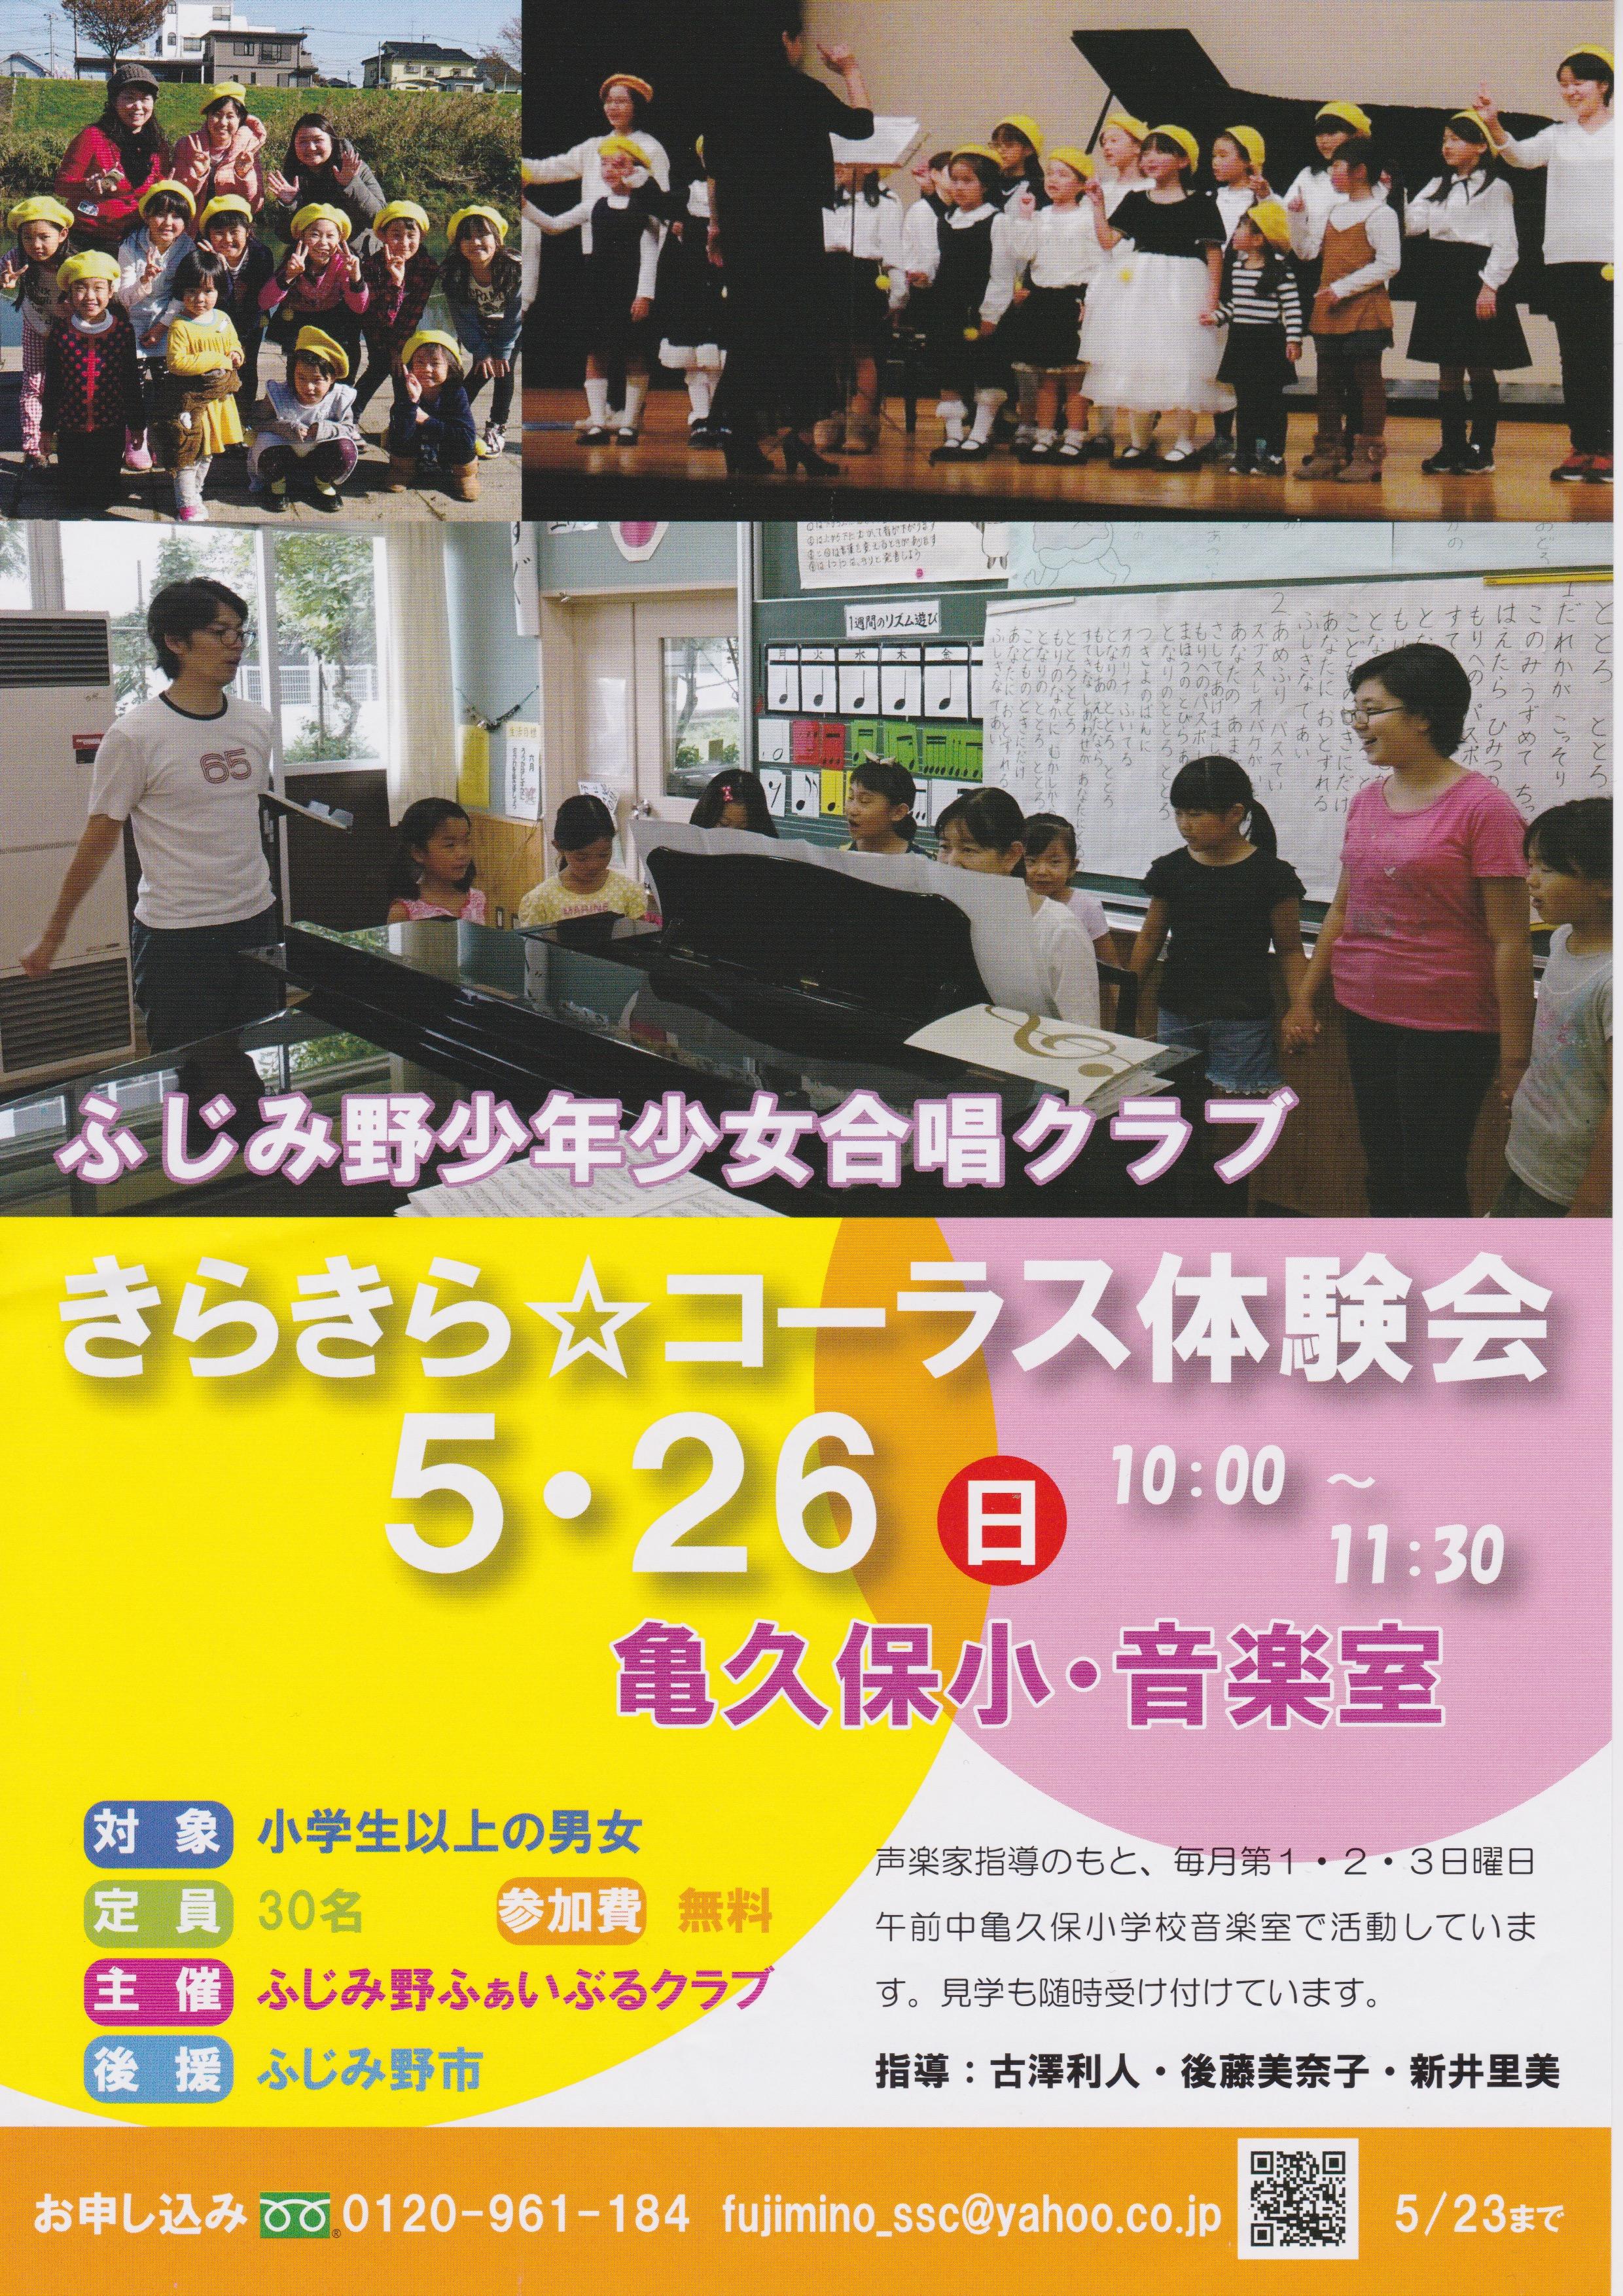 ふじみ野少年少女合唱クラブ「きらきら☆コーラス」